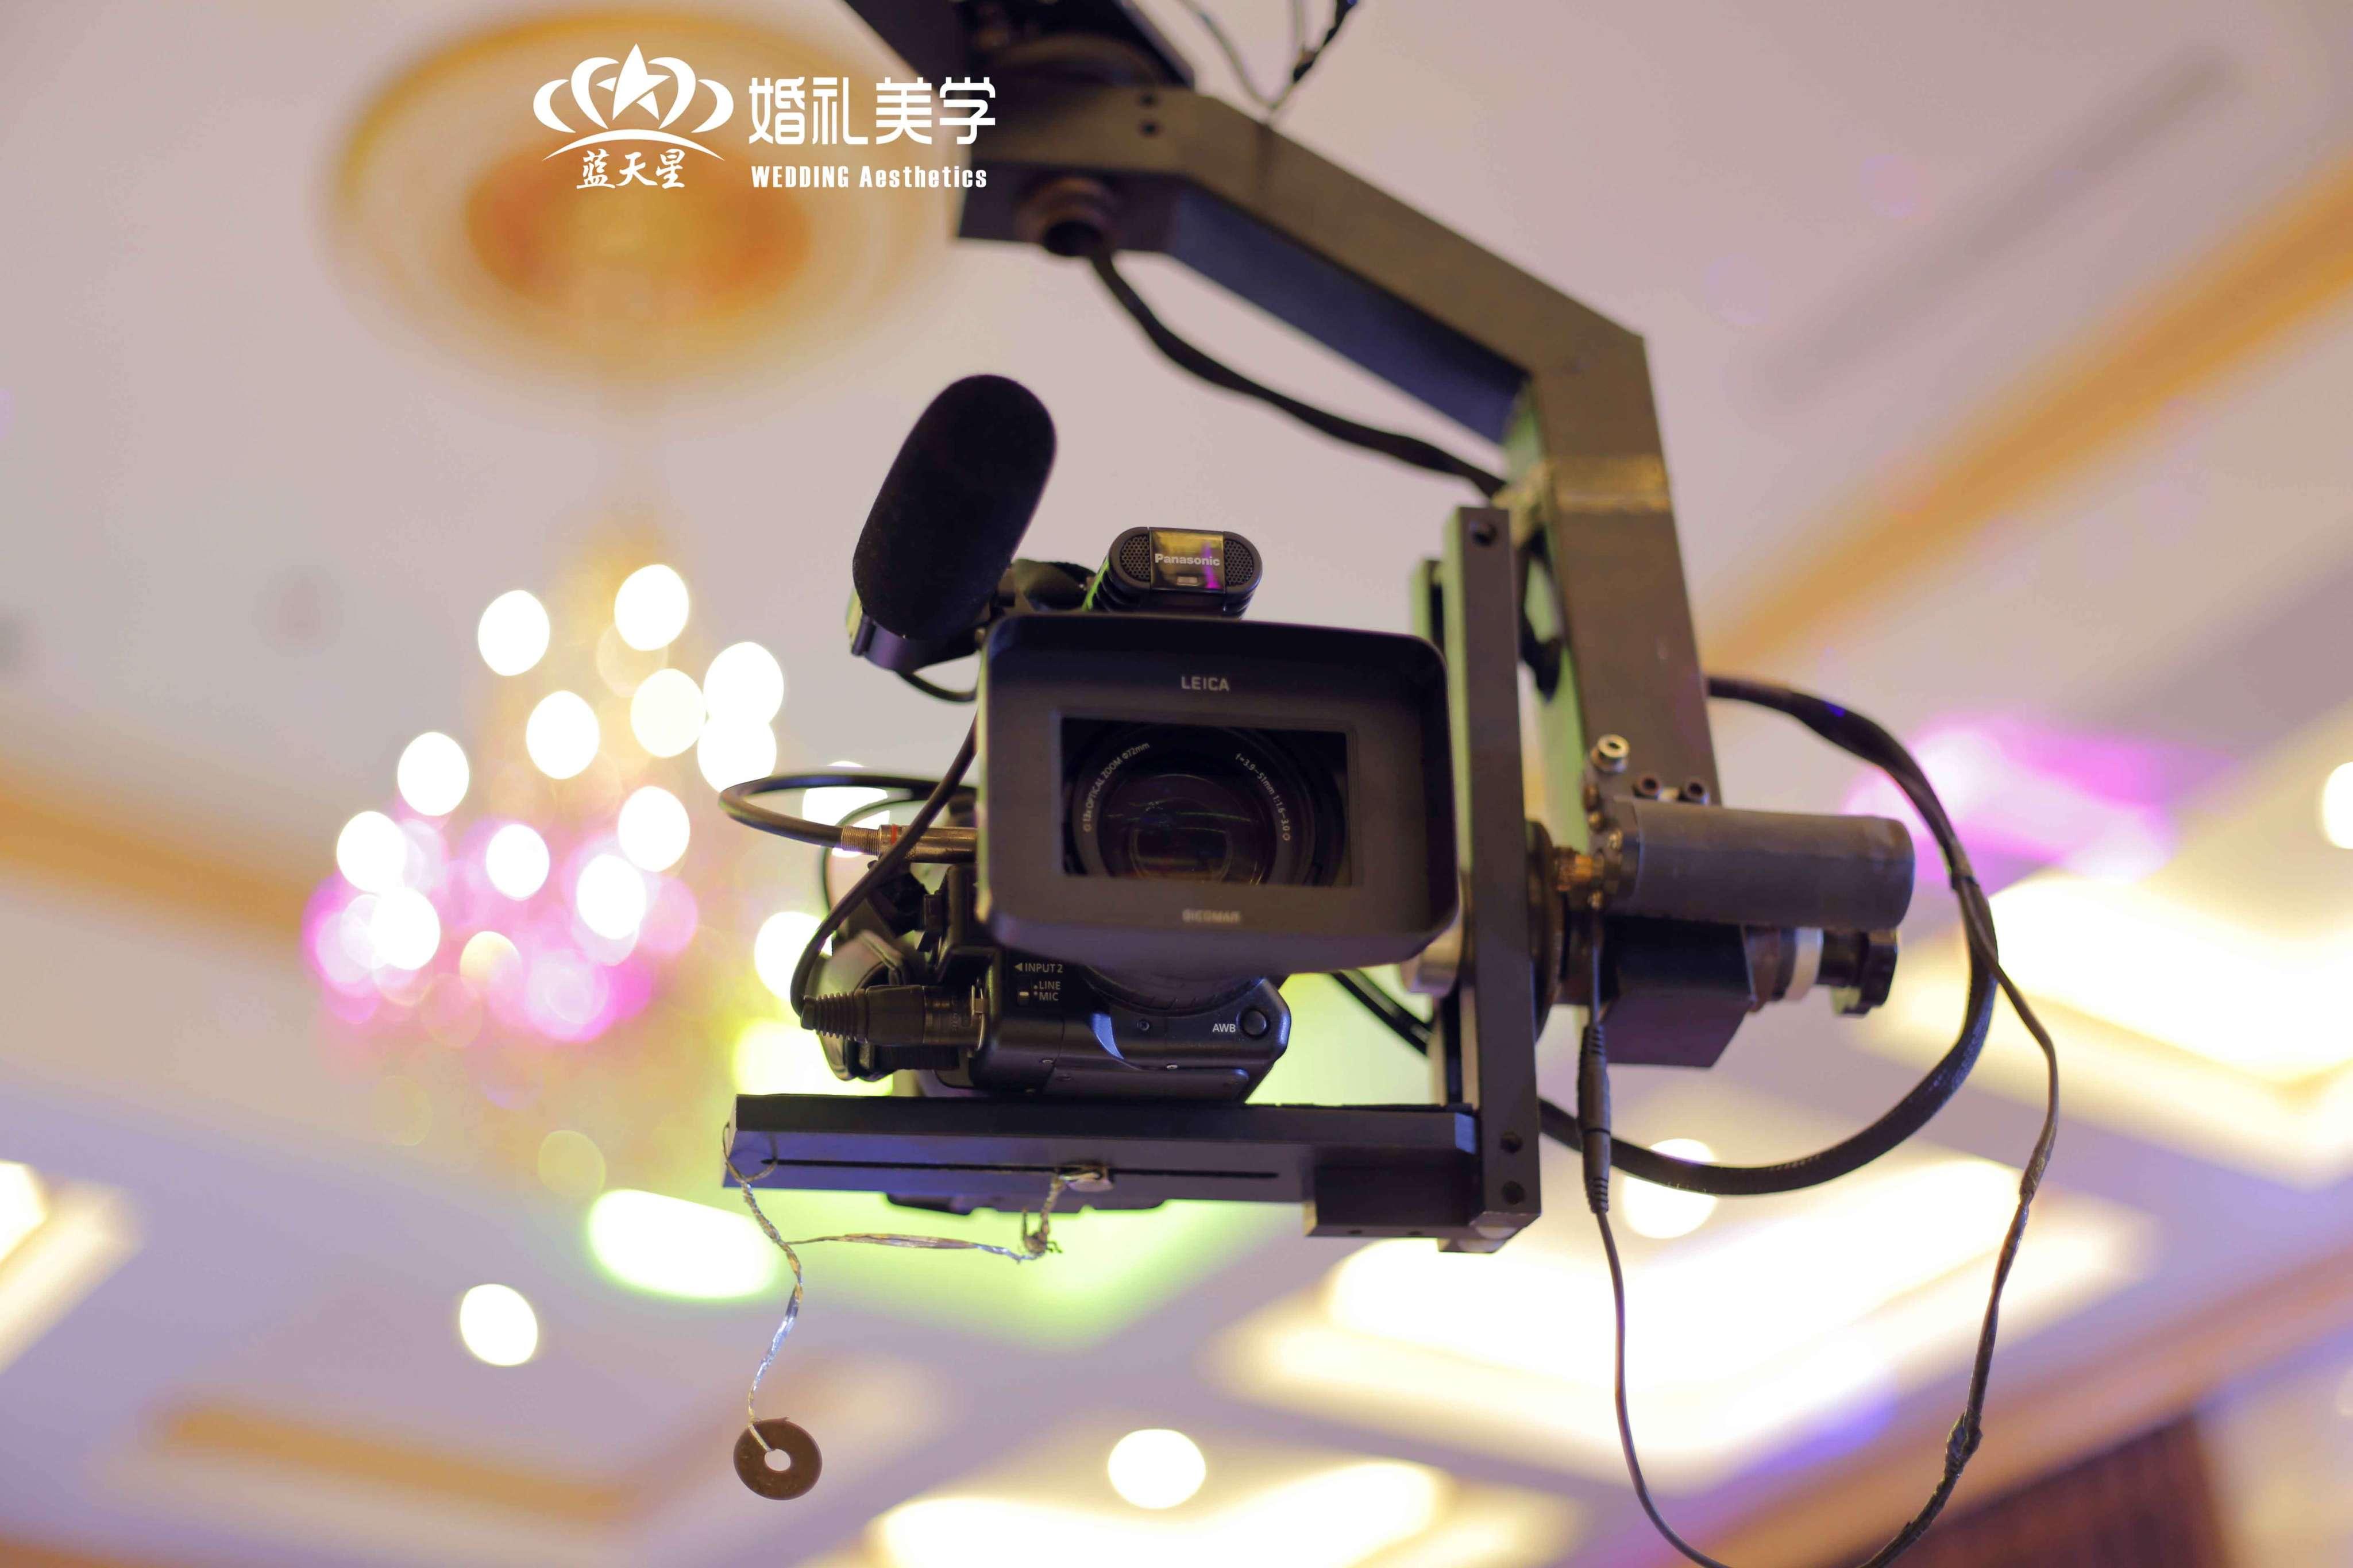 蓝天星拍摄设备-摇臂摄像机